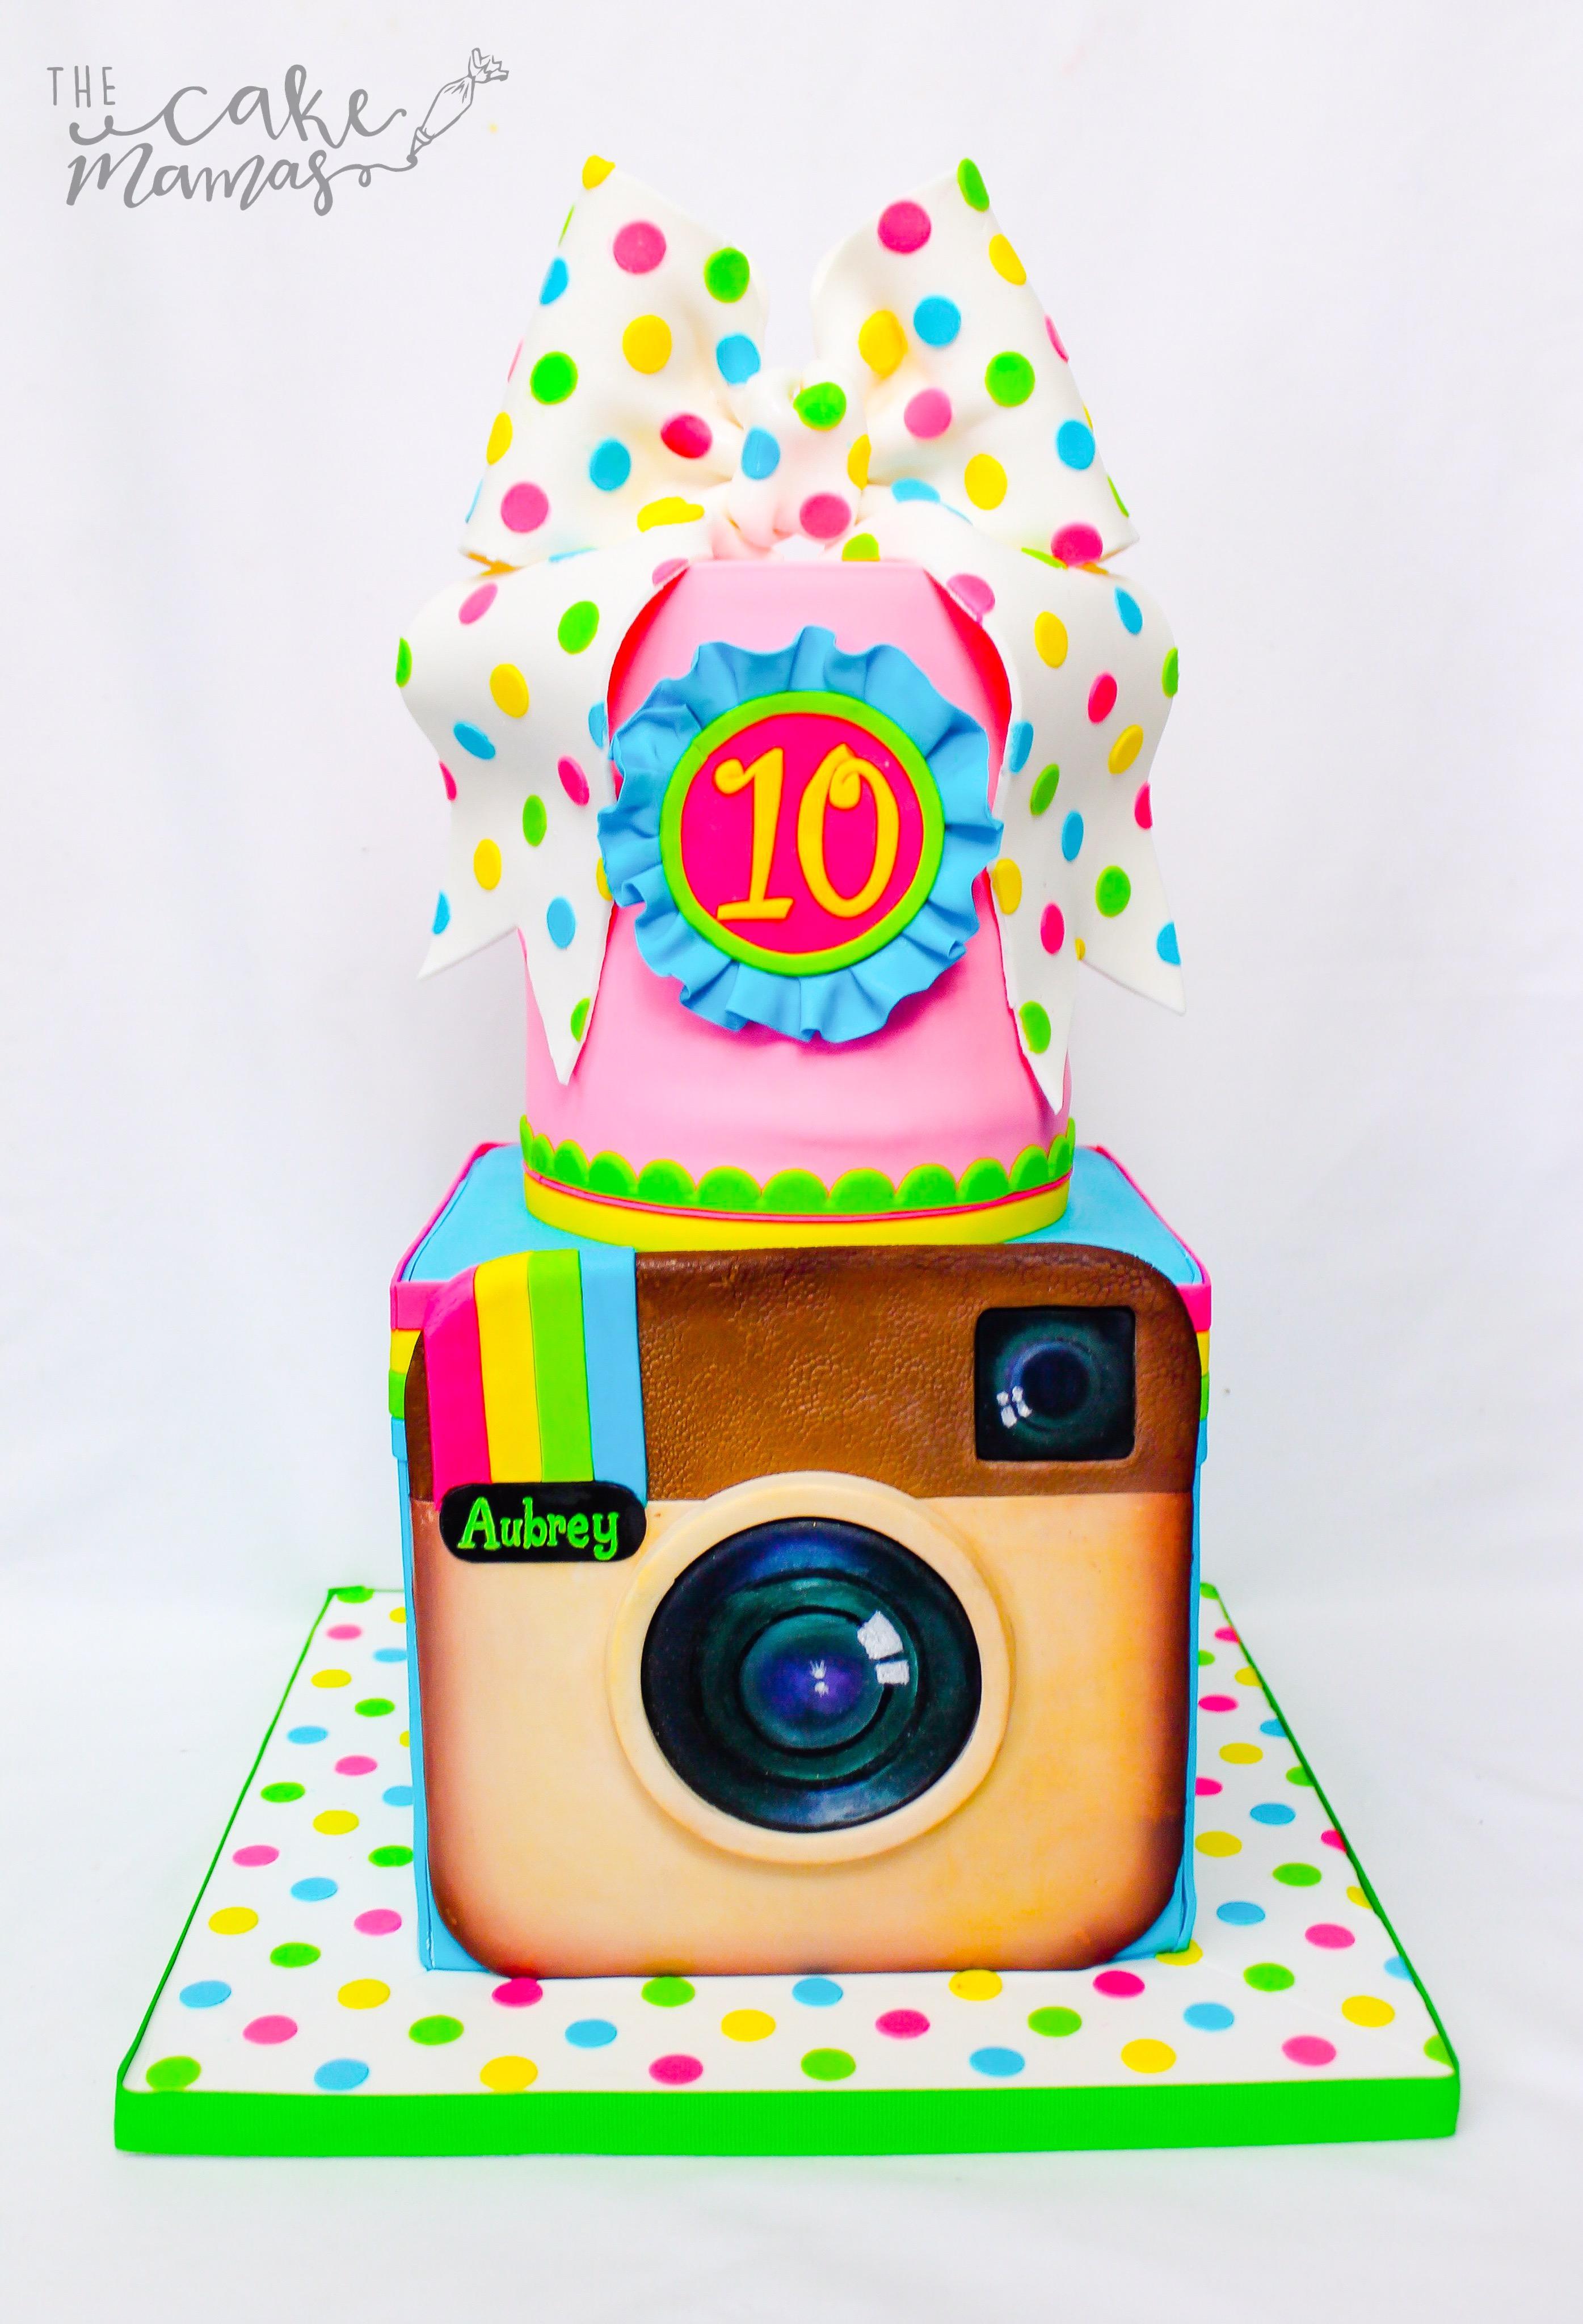 Instagram themed birthday cake